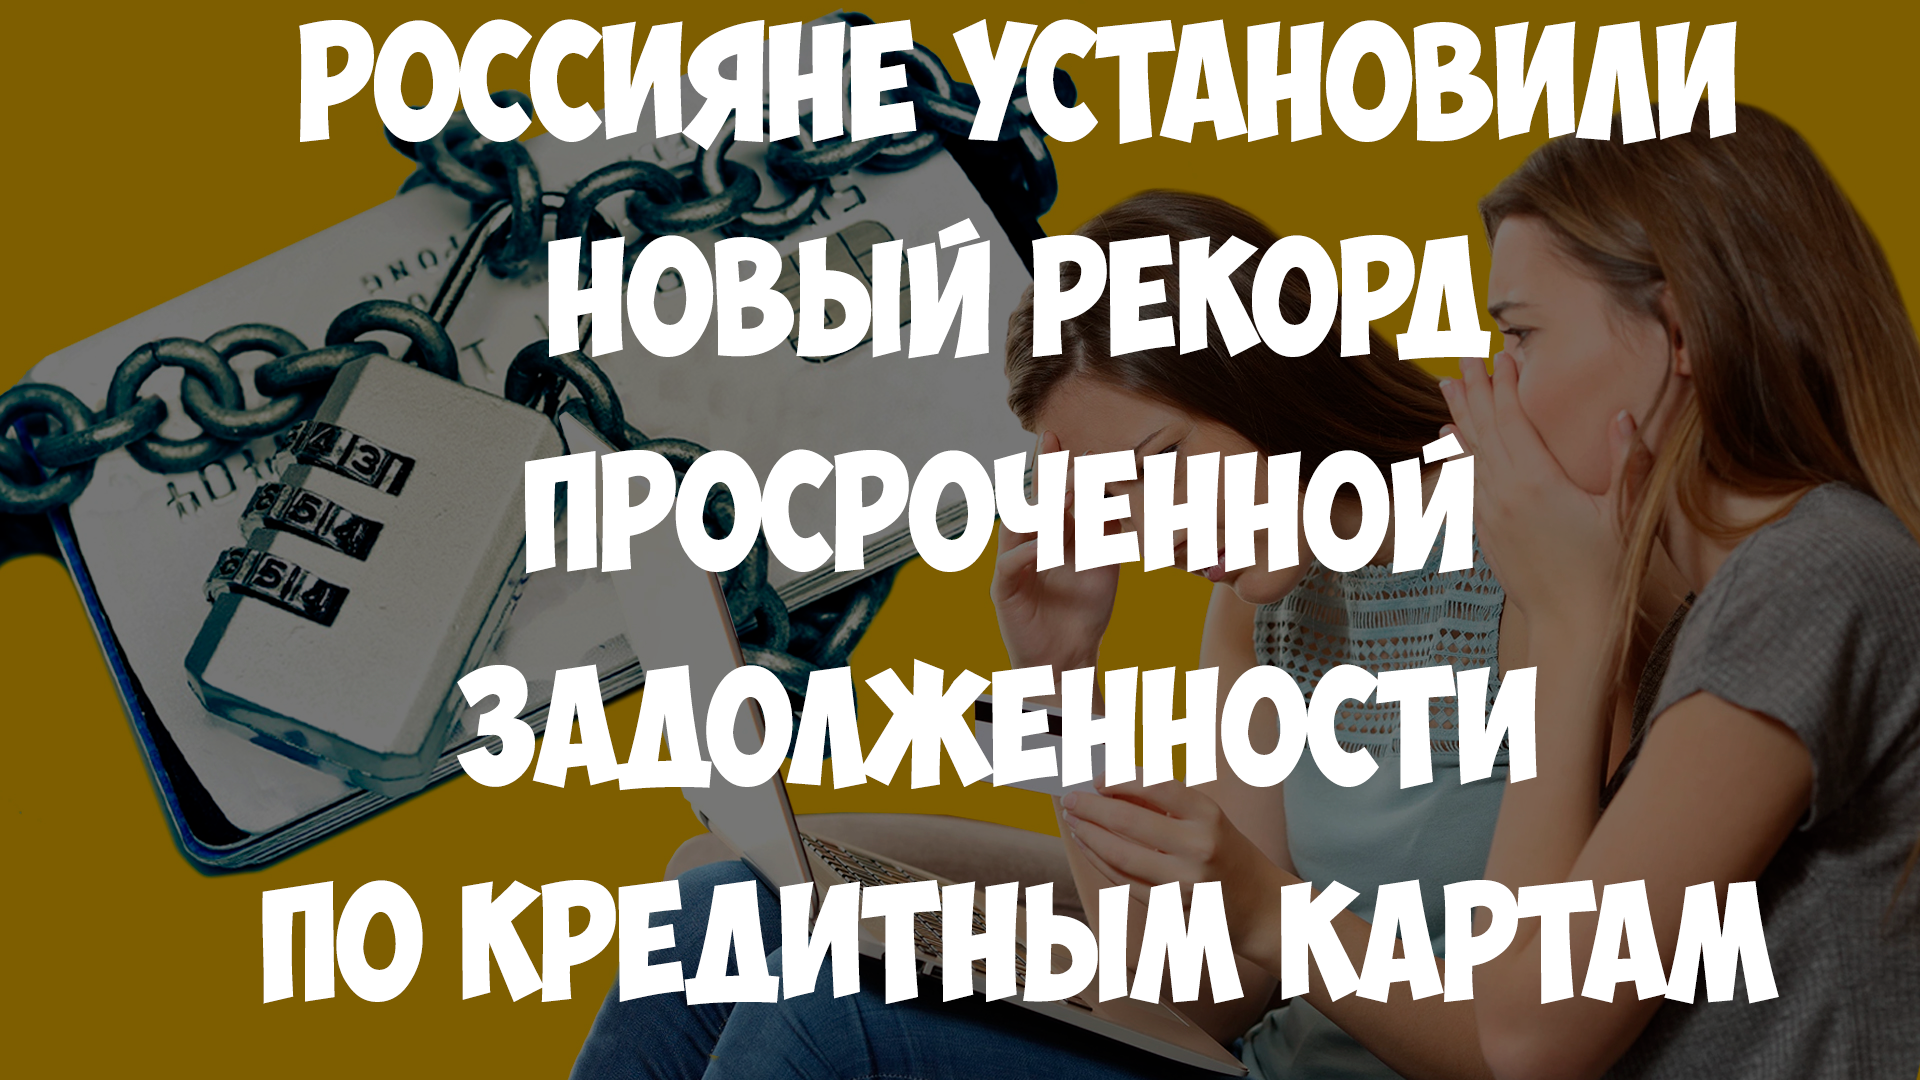 Россияне установили новый рекорд просроченной задолженности по кредитным картам